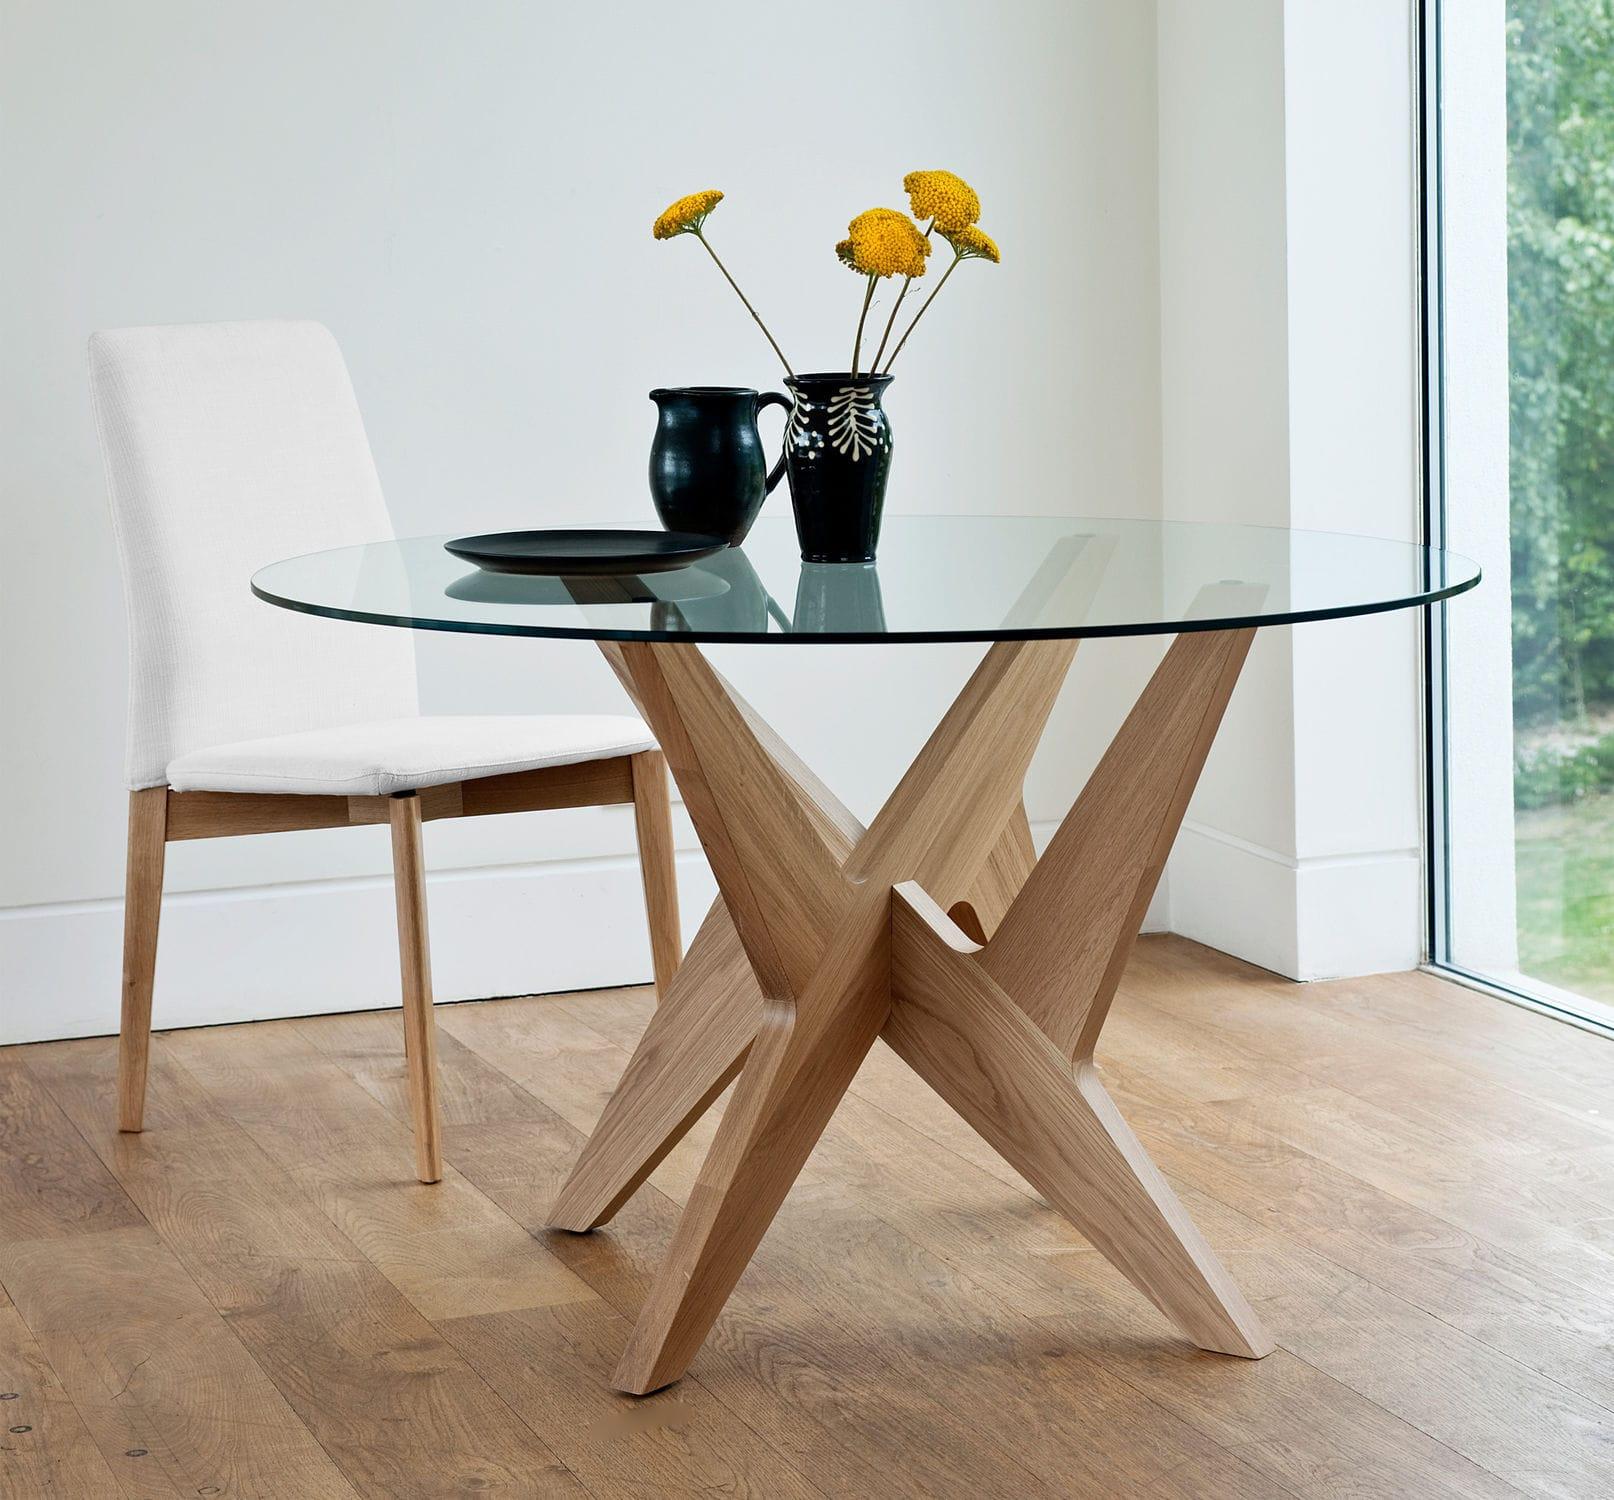 Tavoli Da Pranzo Rotondi In Vetro.Tavolo Da Pranzo Moderno Cross Side Case In Vetro In